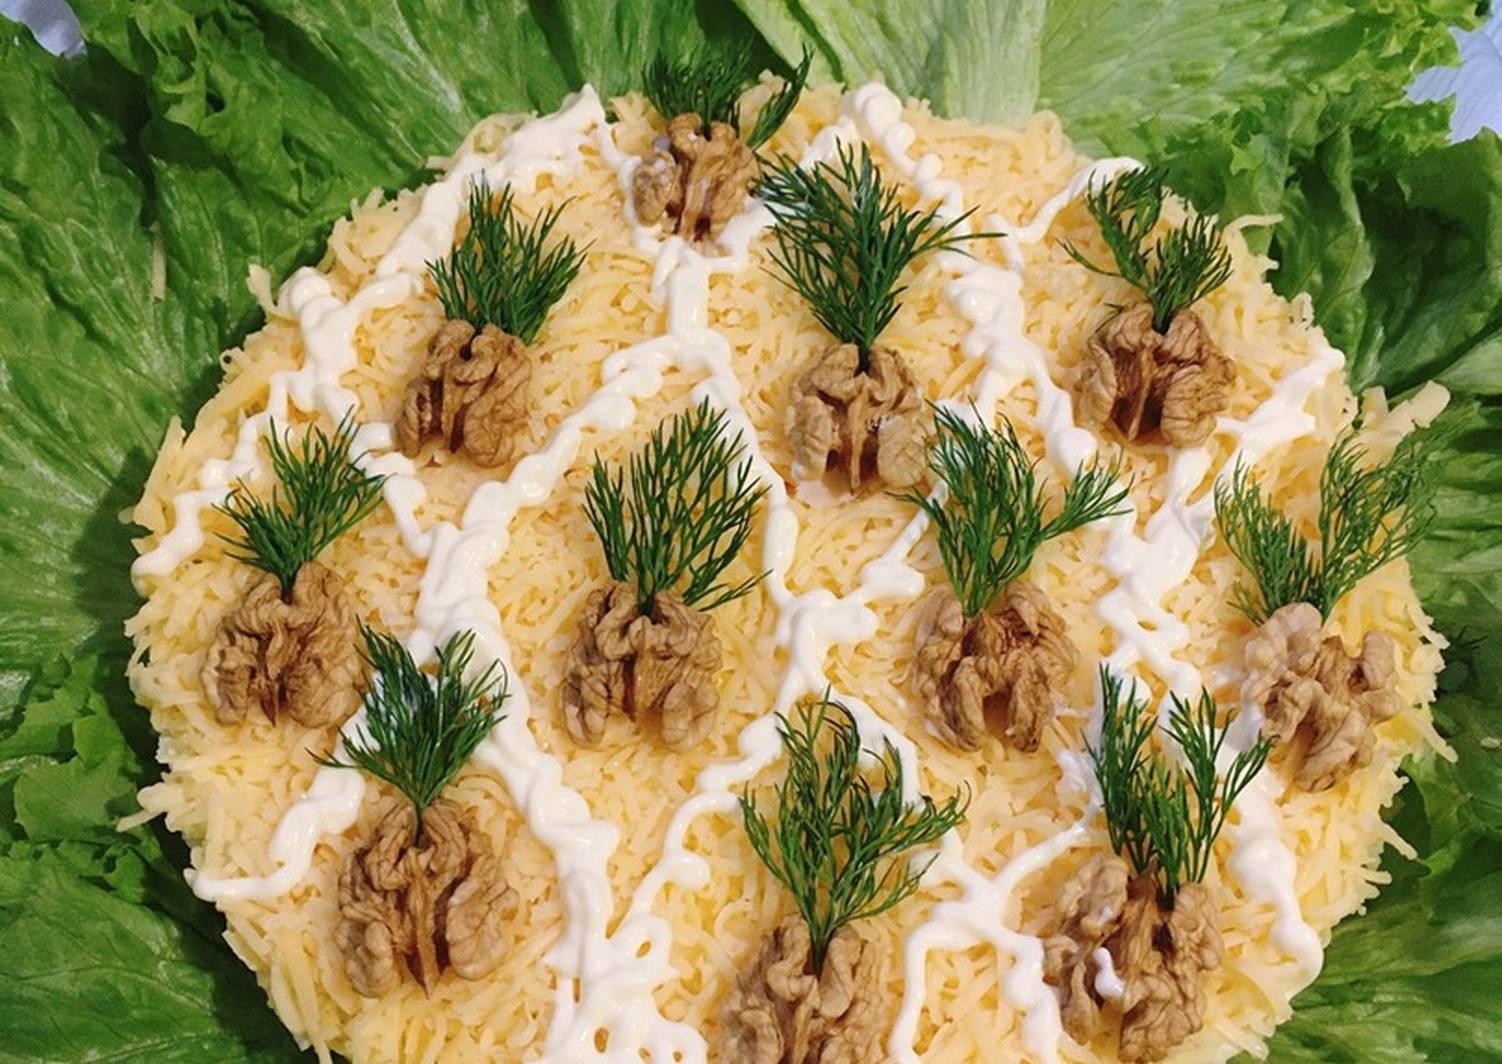 афоризмы салат кремлевский с ананасом фото сказал